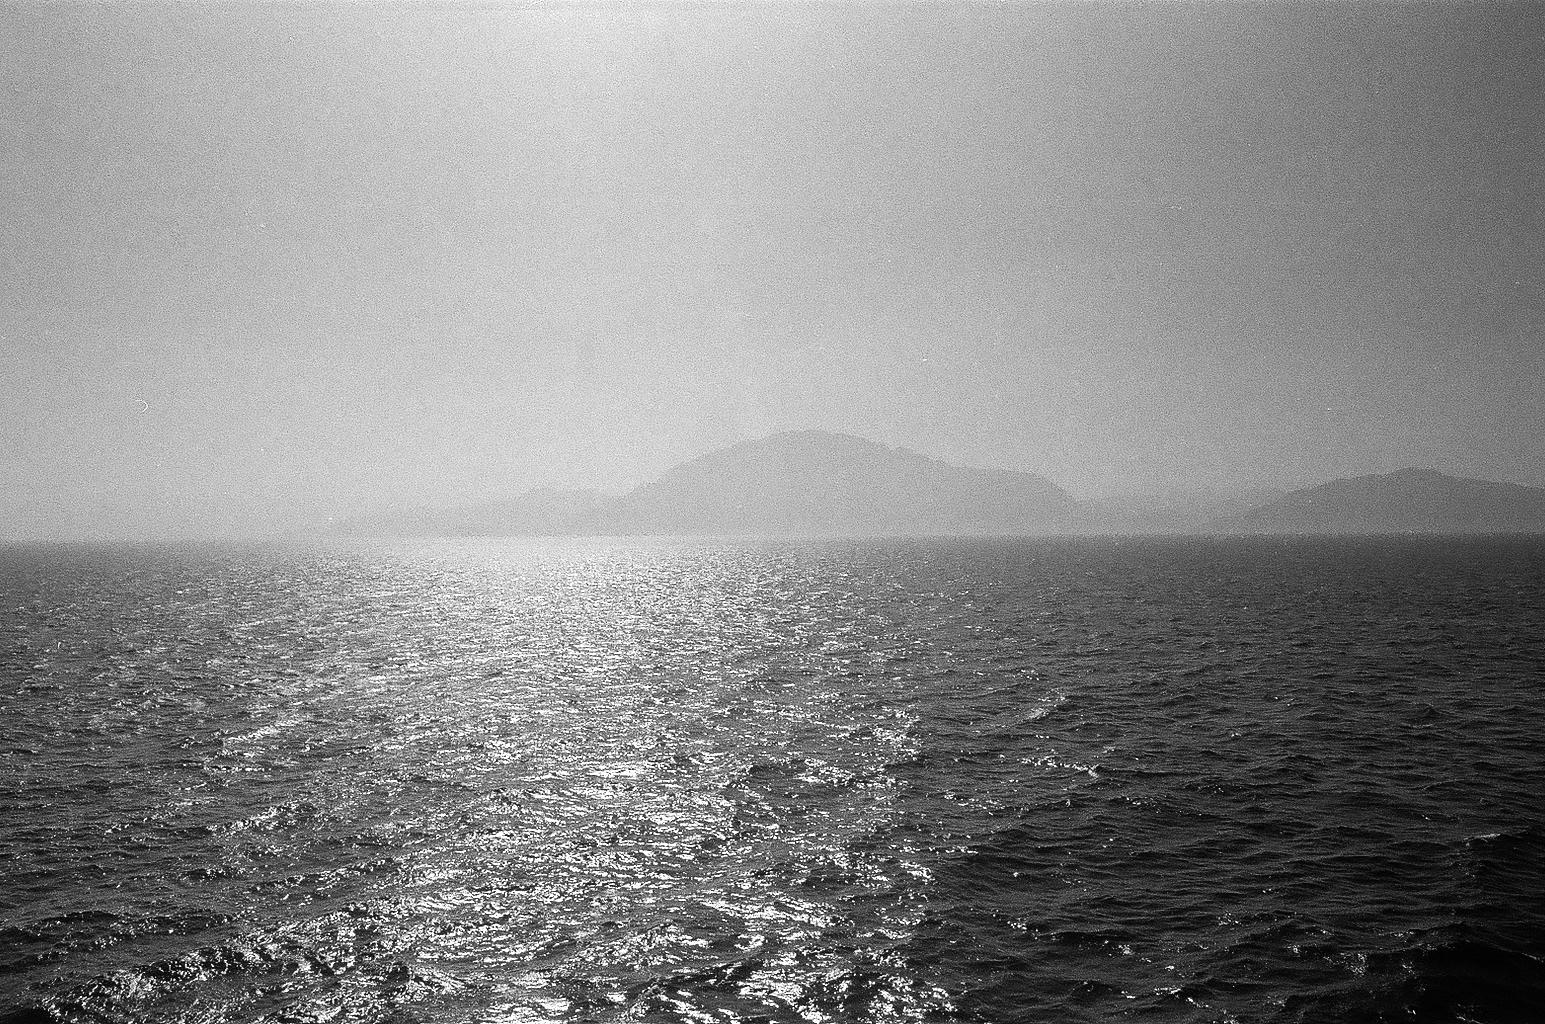 Strait of Gibraltar, 1989